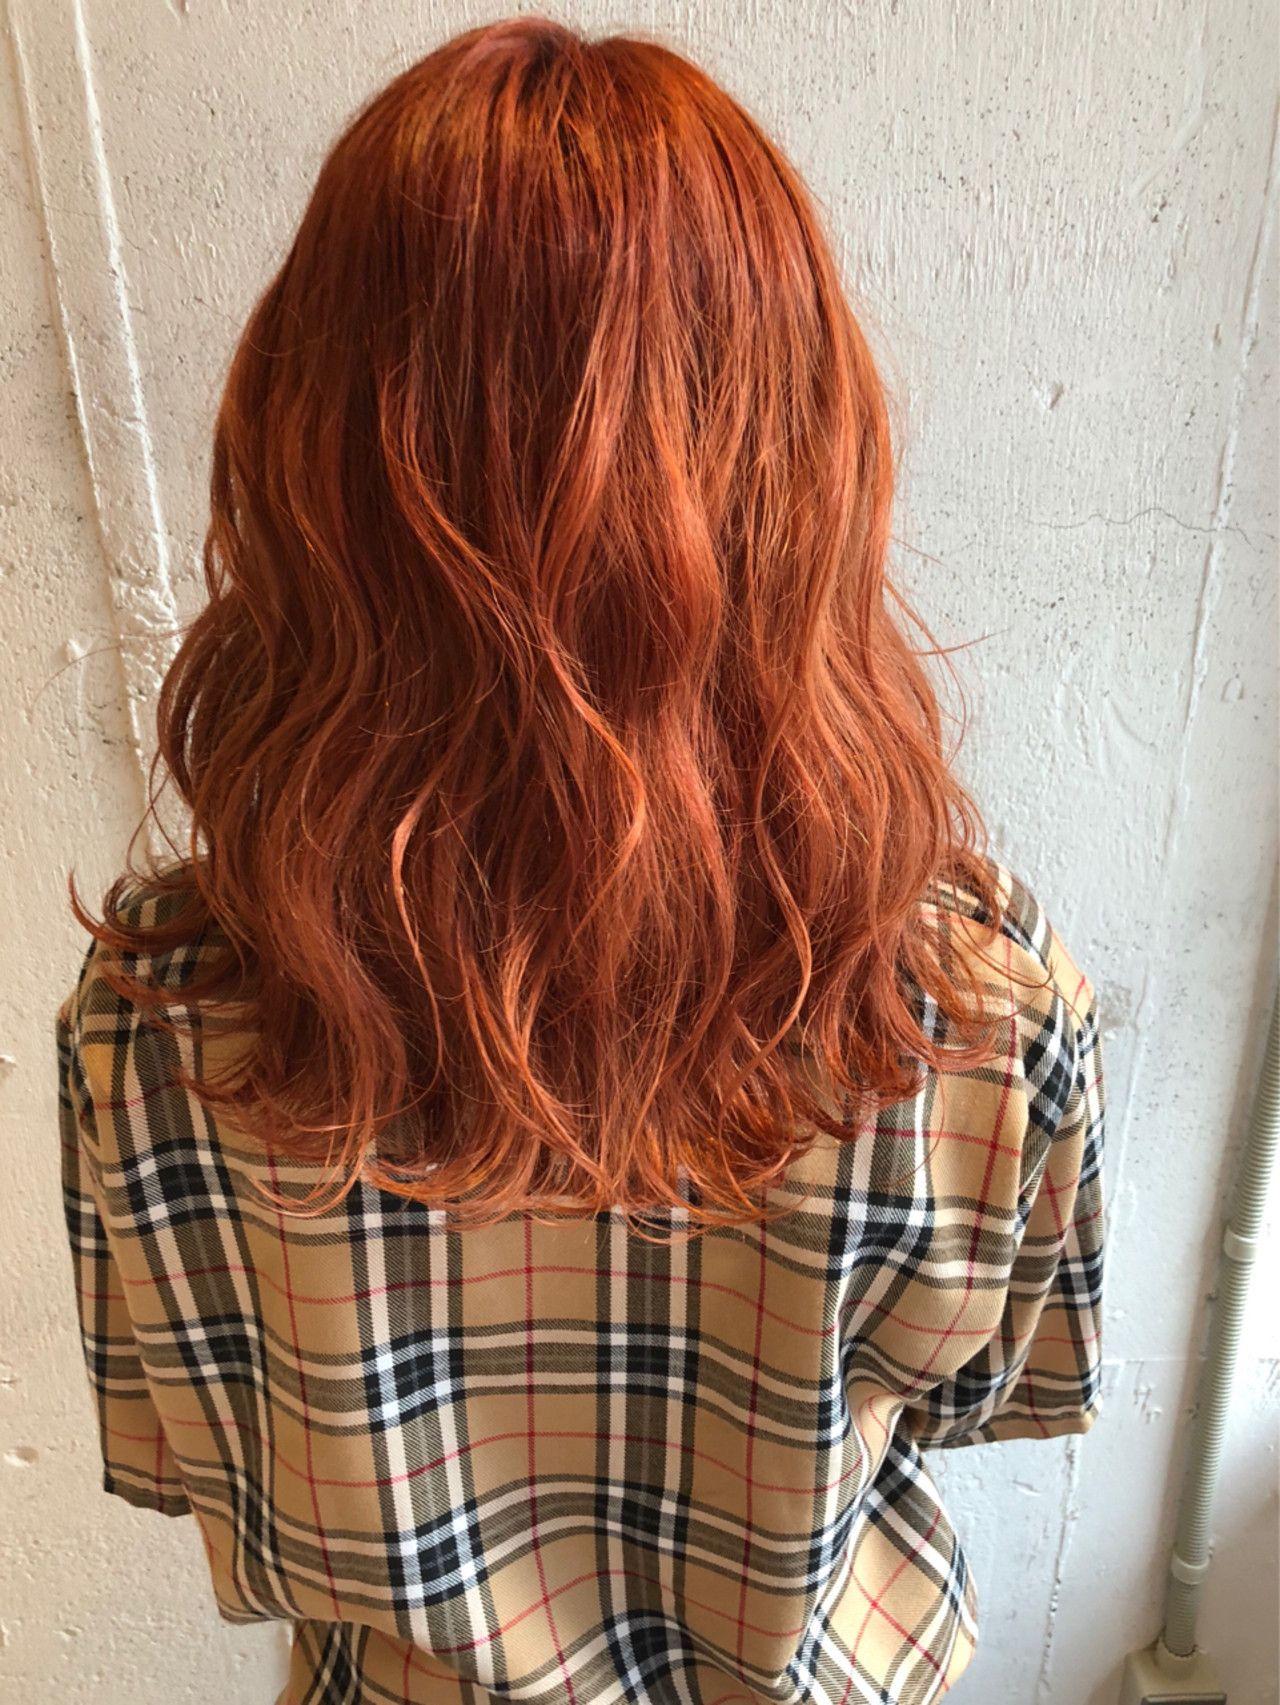 平成最後だから派手色に染めて カラフルカラーにイメチェン計画 レディース パーマヘア 髪色 オレンジ ナチュラルヘアスタイル